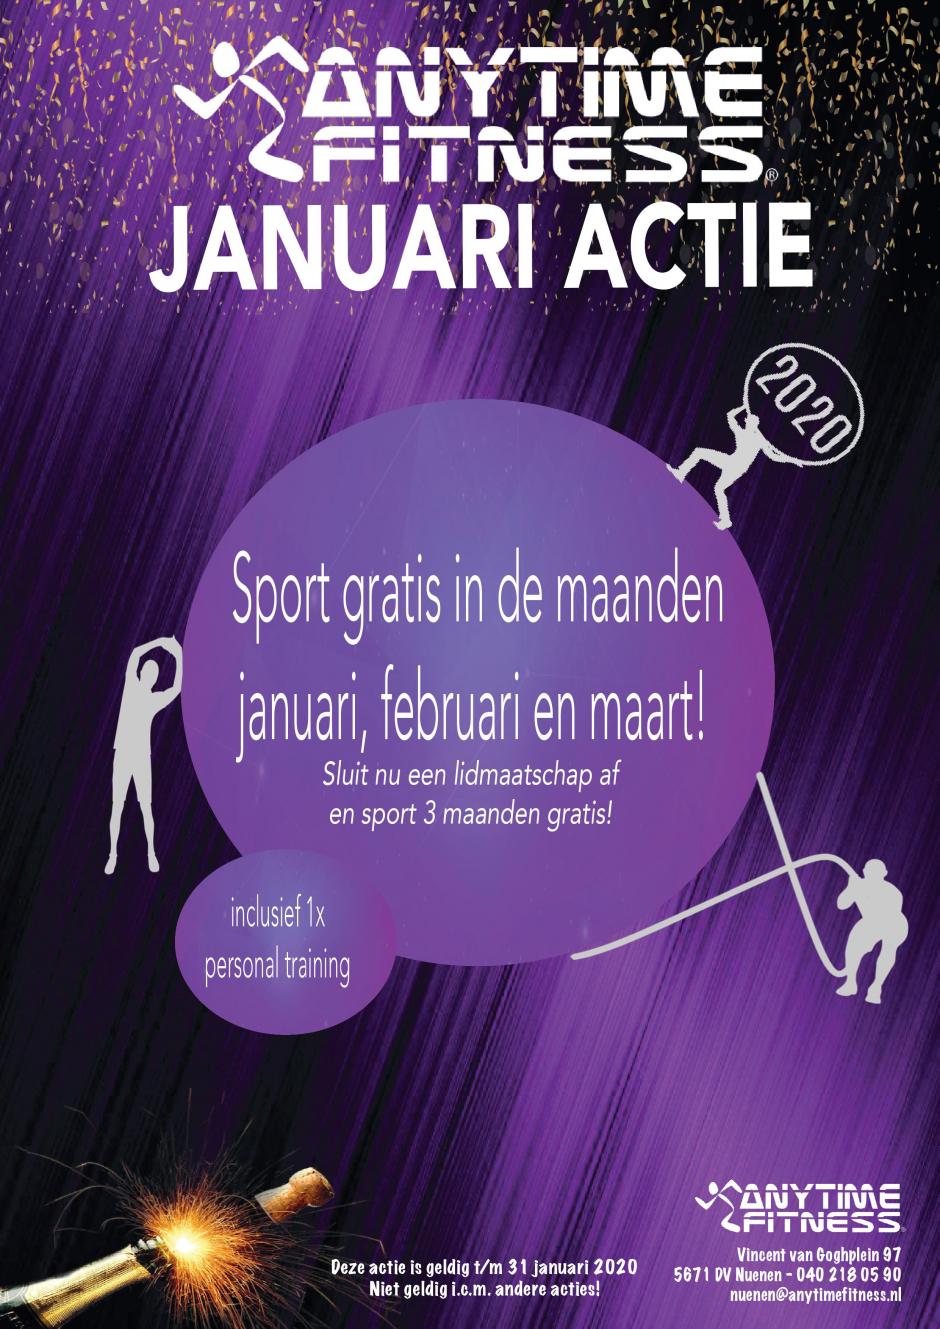 Januari actie